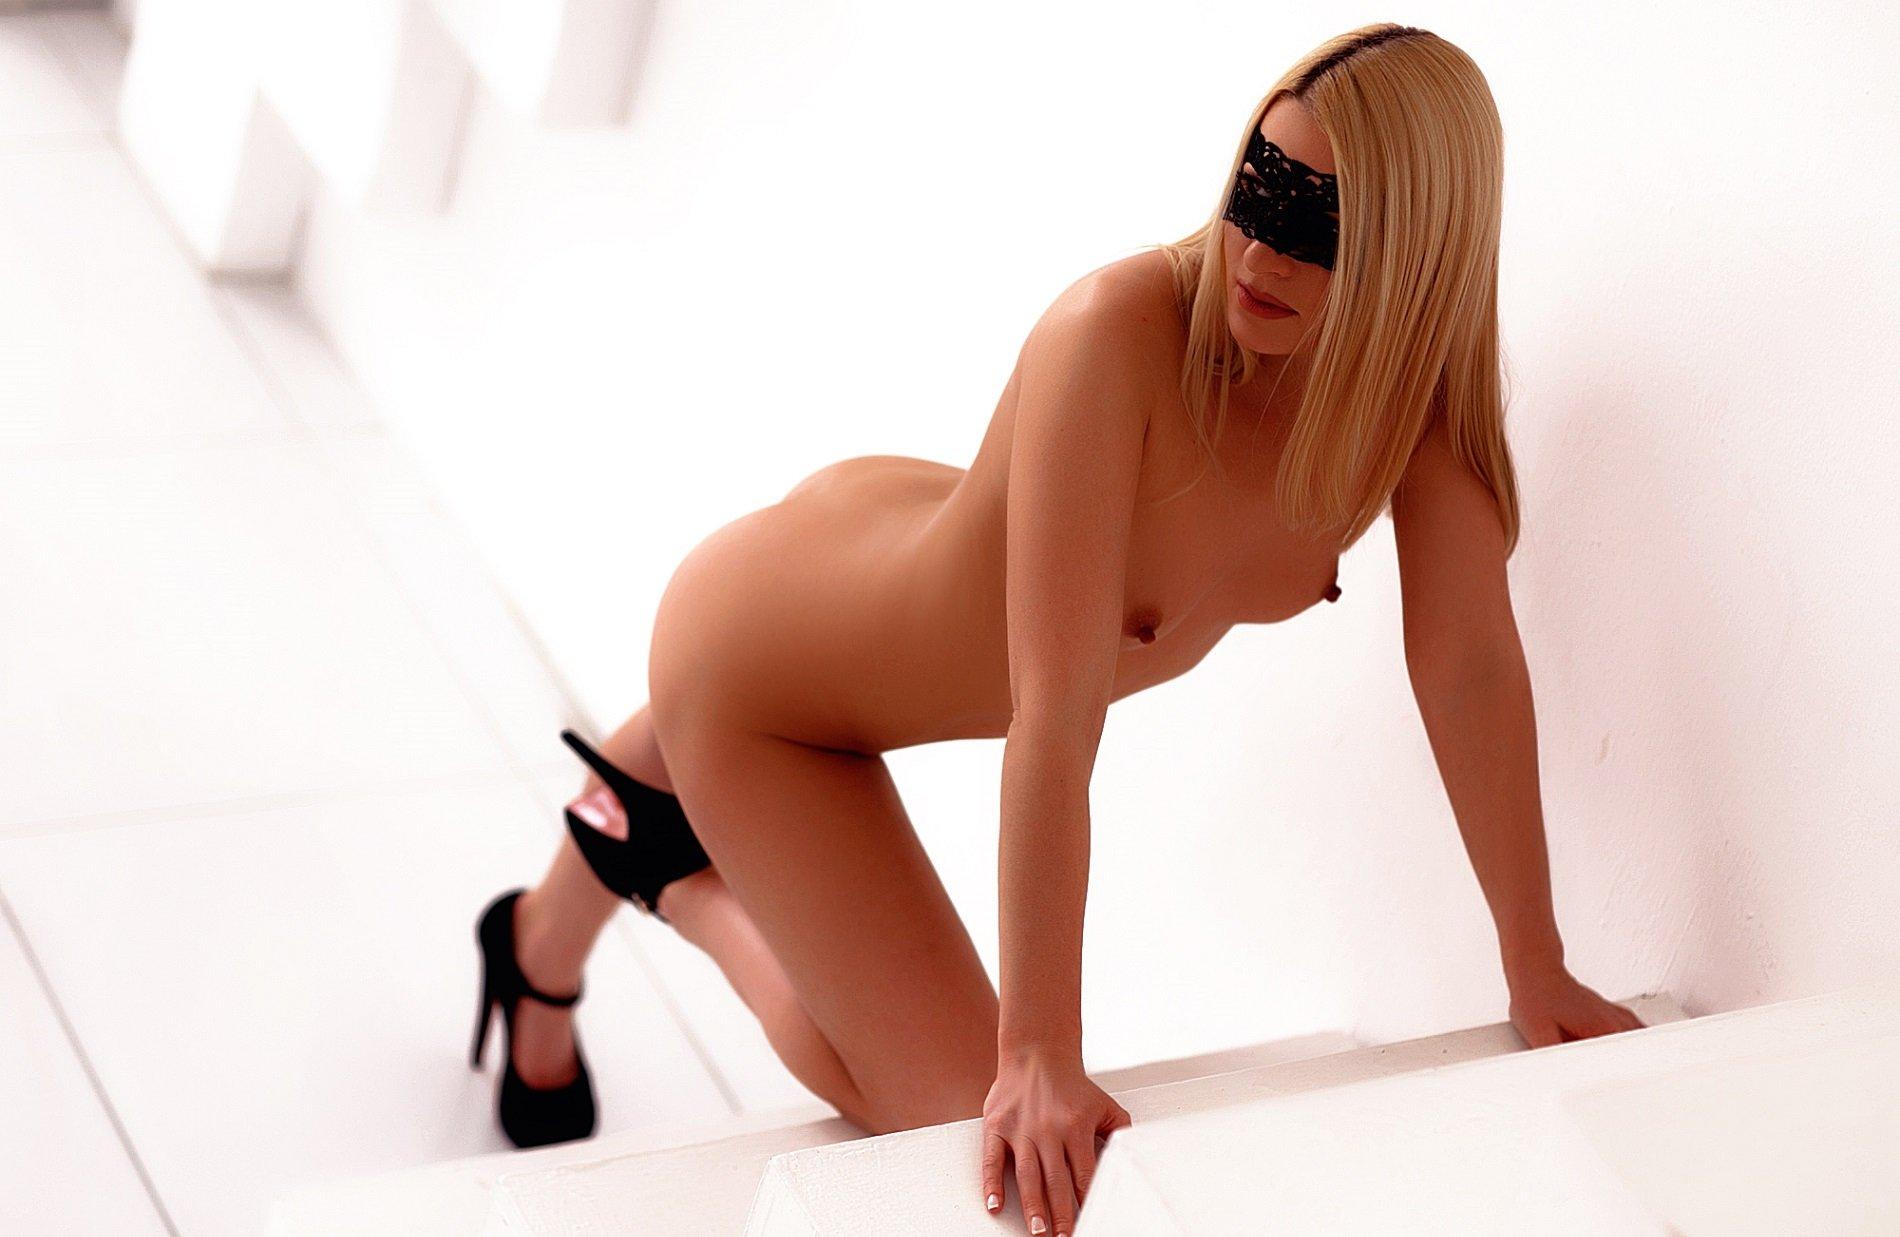 Элитные проститутки шлюхи бляди, Элитные и vip проститутки Москвы на сайте 9 фотография